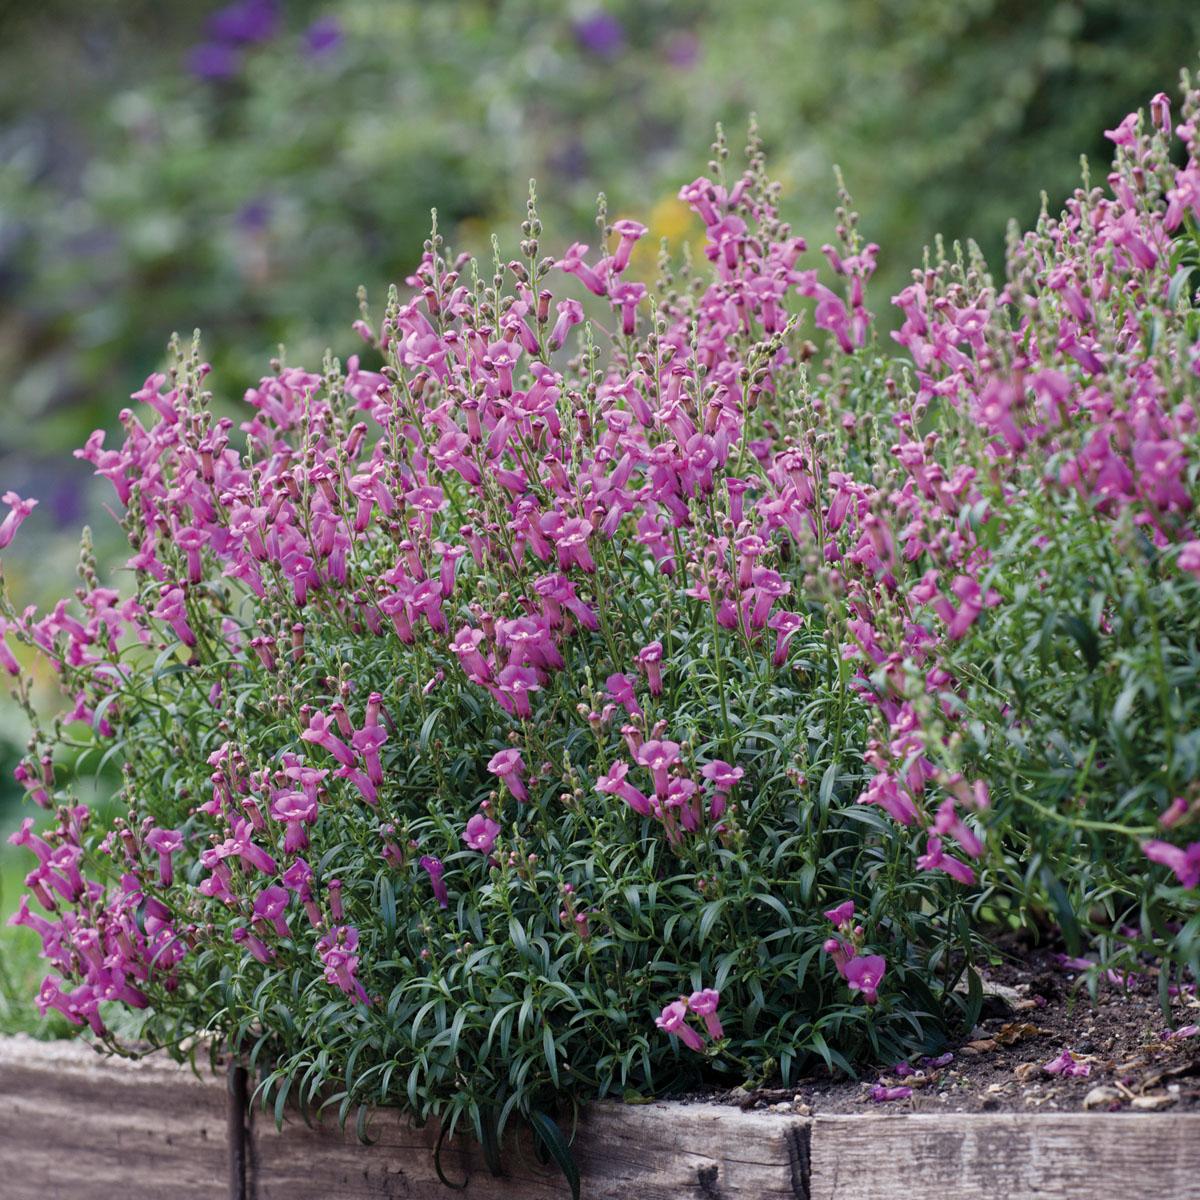 Antirrhinum - majus - Pretty in Pink